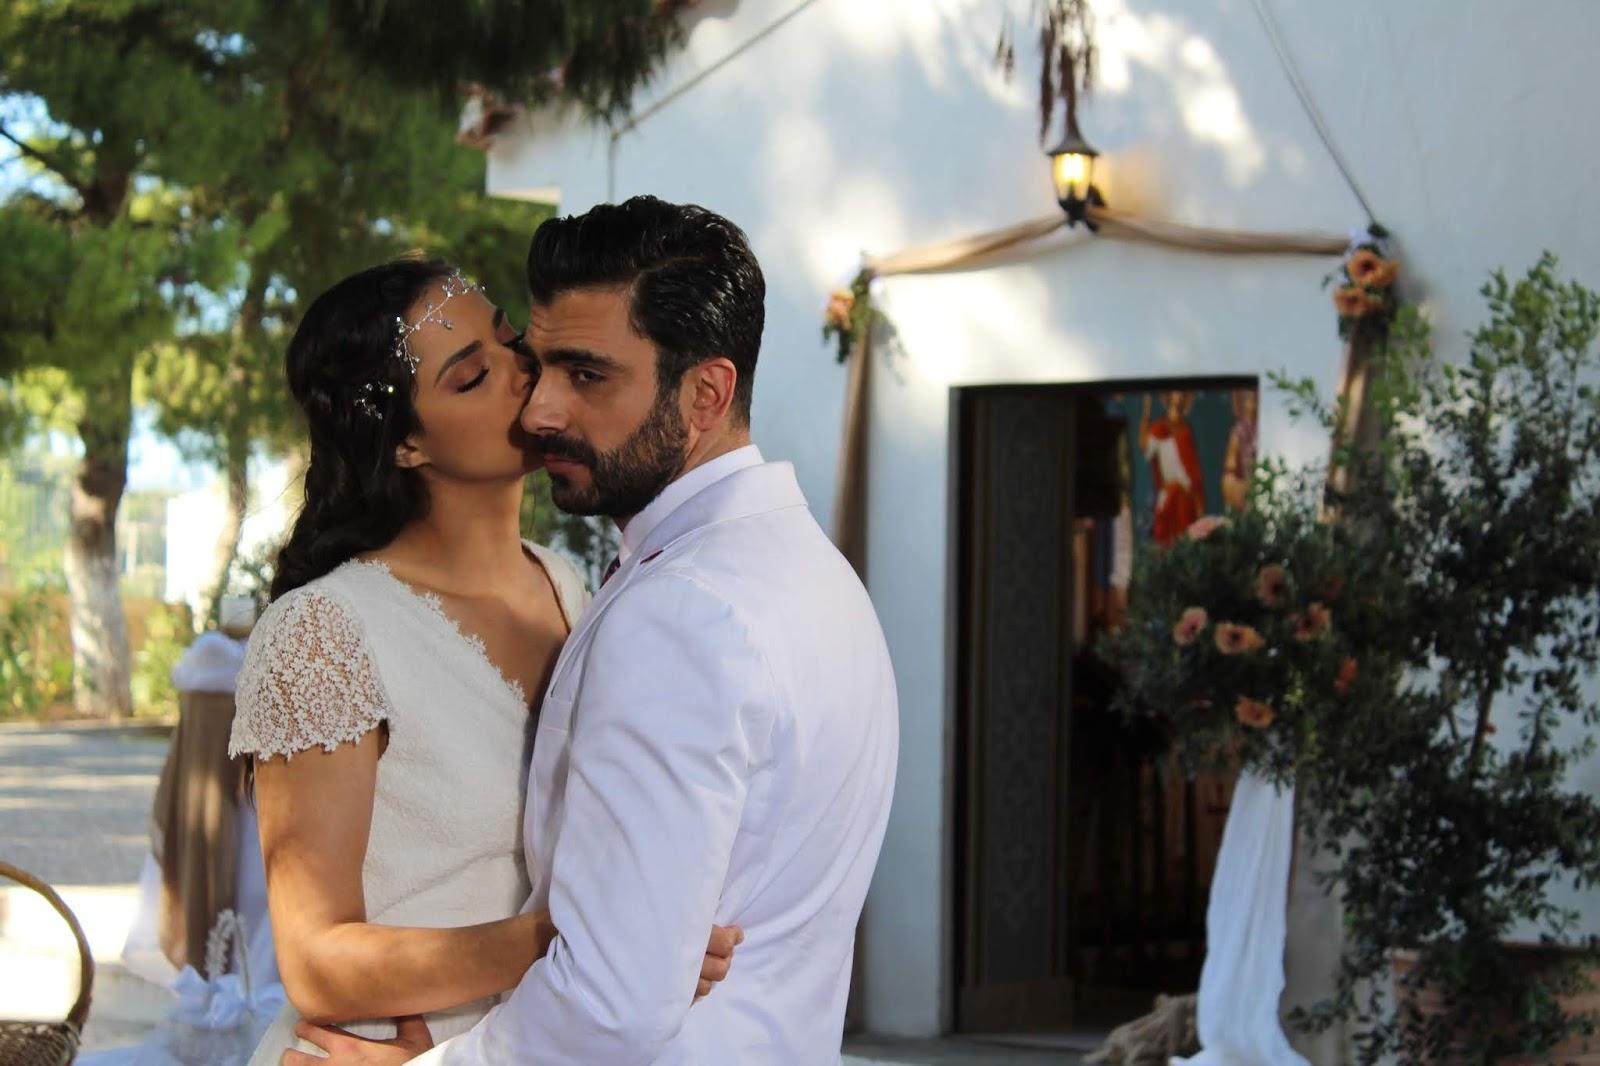 ''Έλα στη θέση μου'': Έφτασε η μέρα του γάμου - Όλες οι εξελίξεις - Φωτογραφία 1